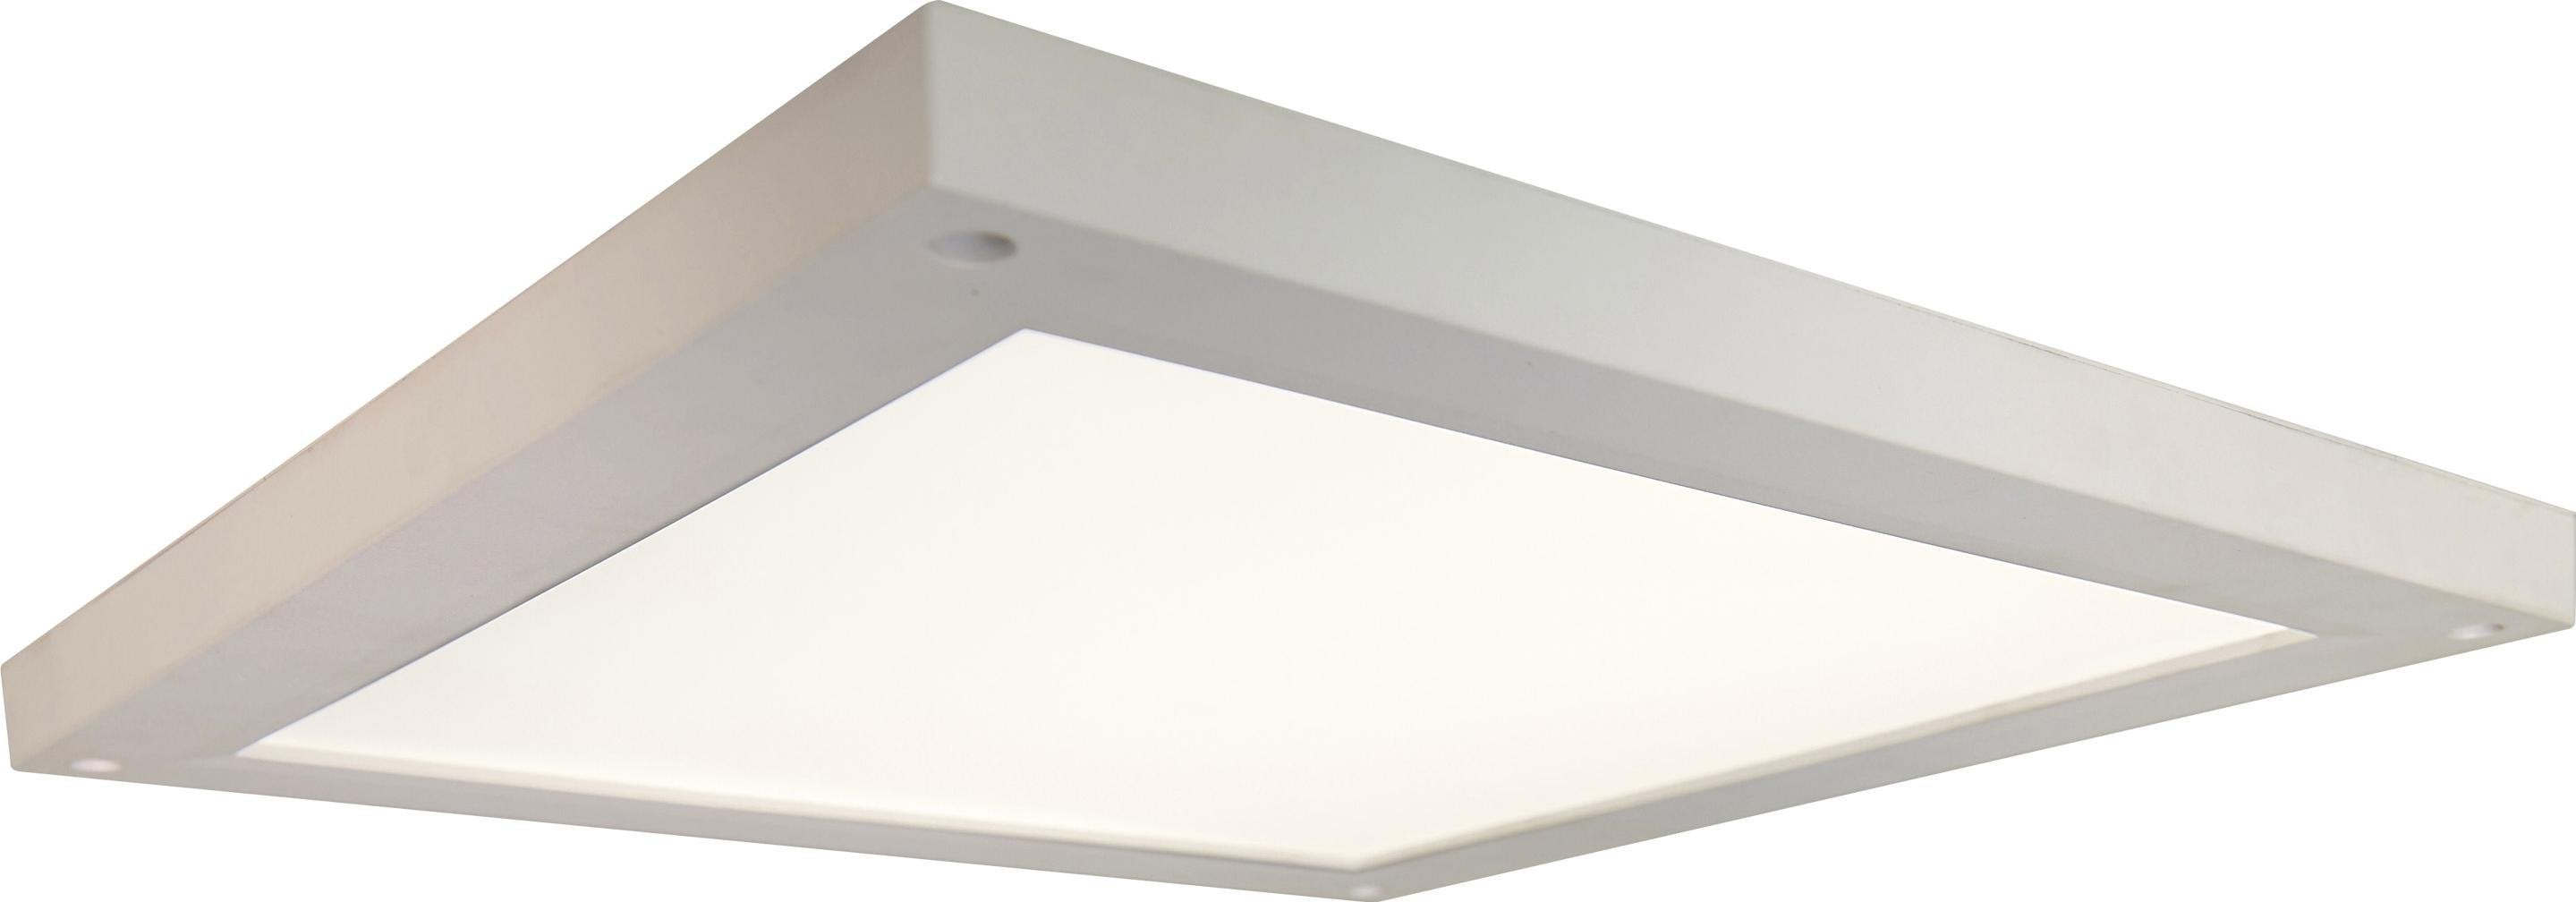 Eclairage salle de bains luminaire intérieur au meilleur prix